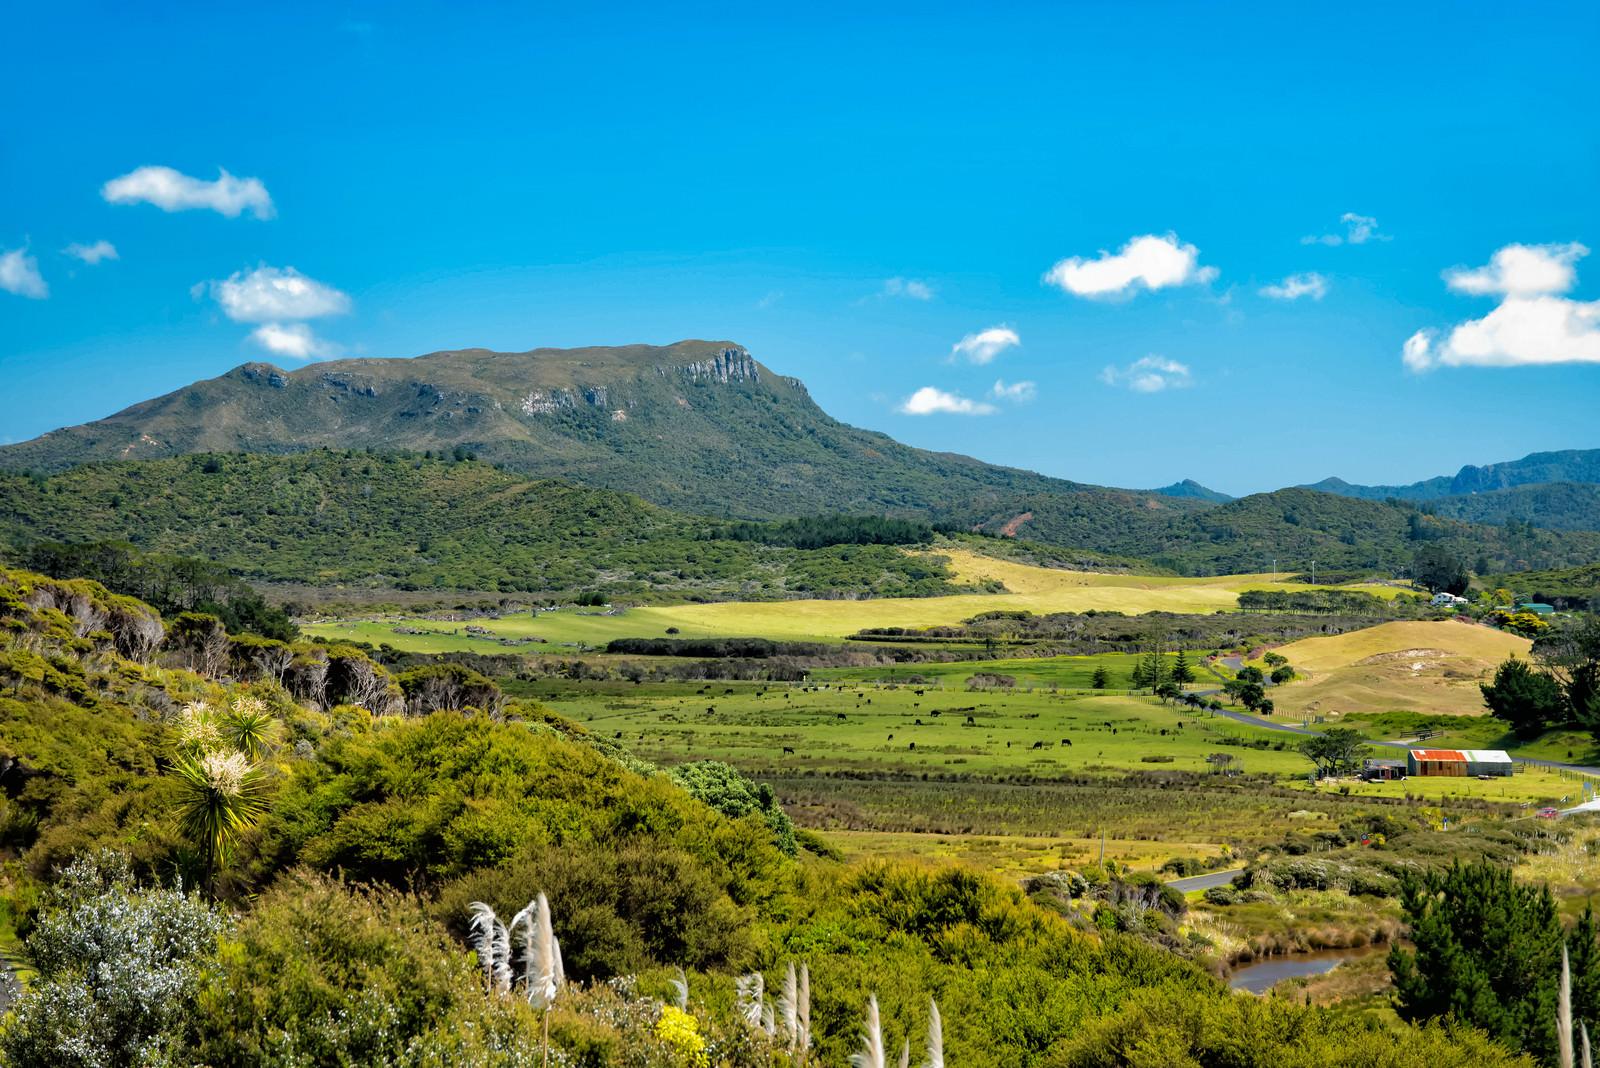 「グレートバリア島の自然からなる姿(ニュージーランド)」の写真